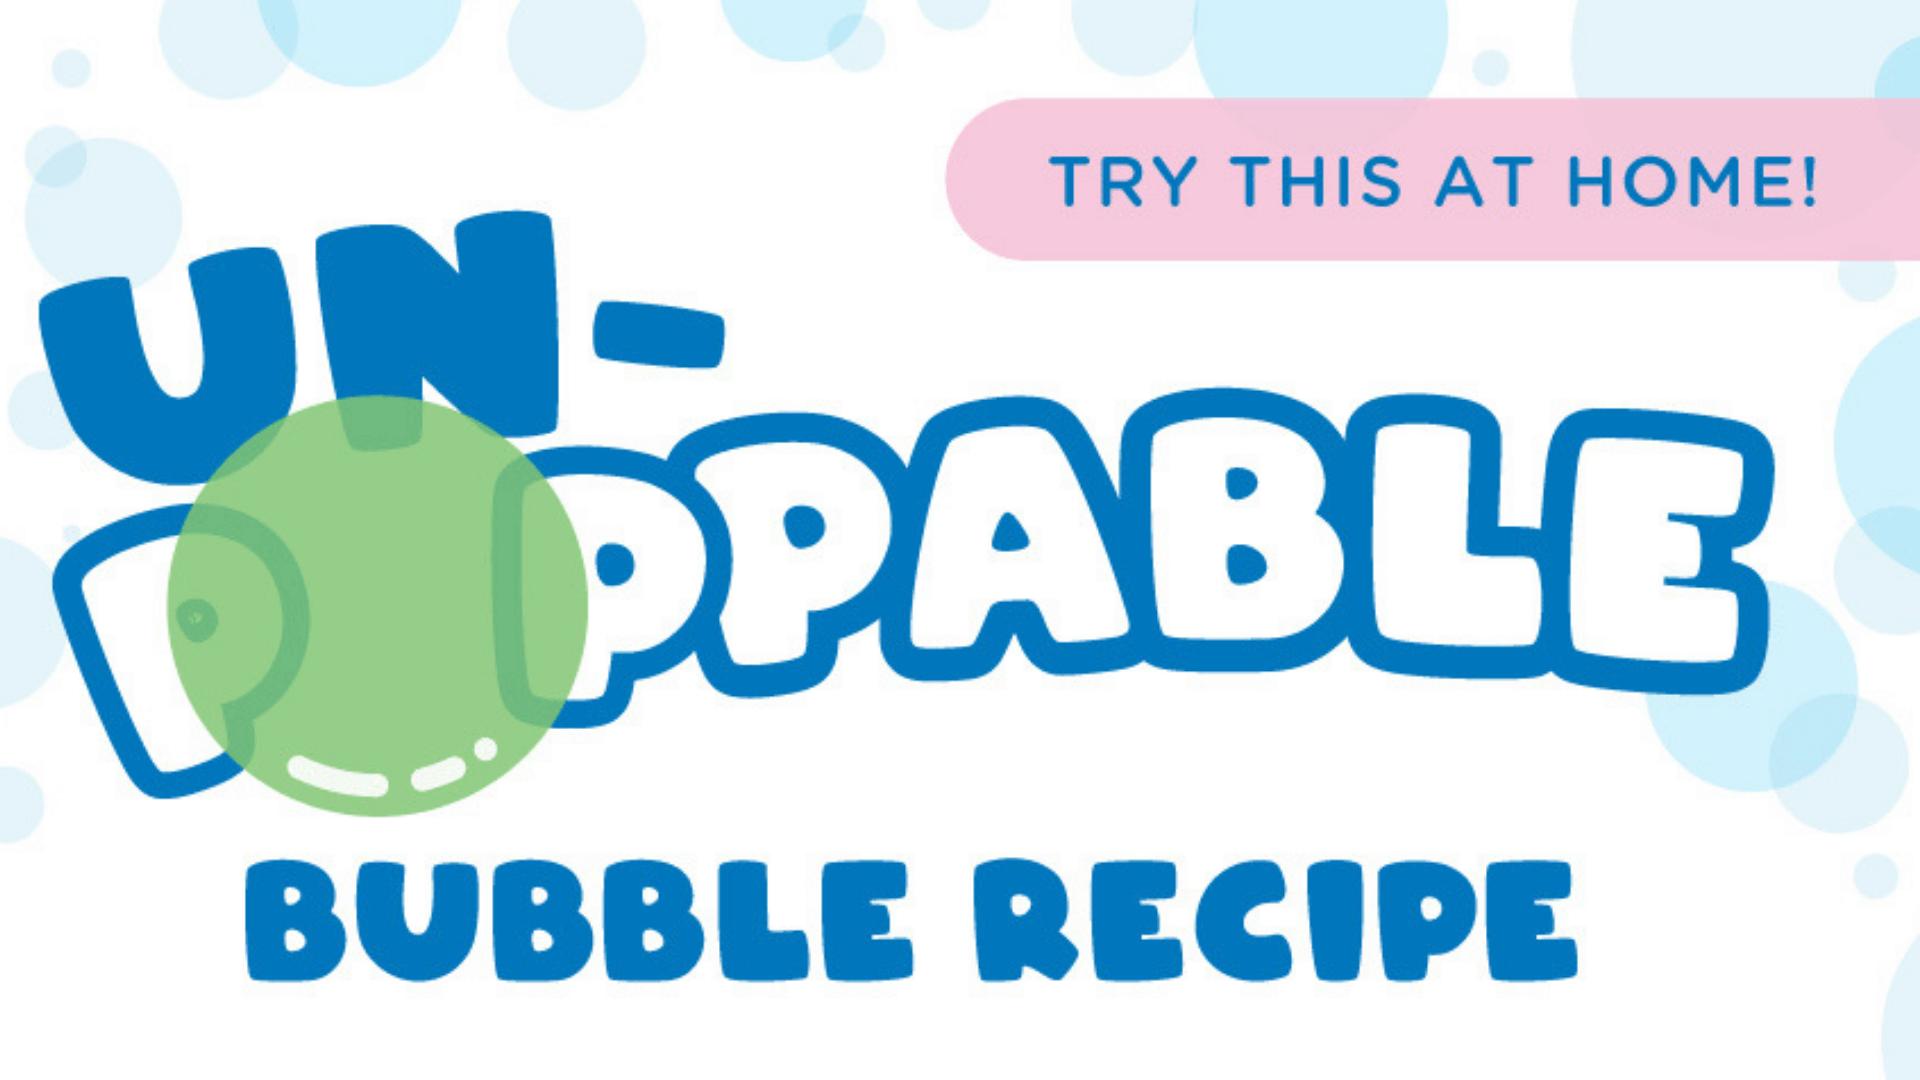 Un-poppable bubble flyer